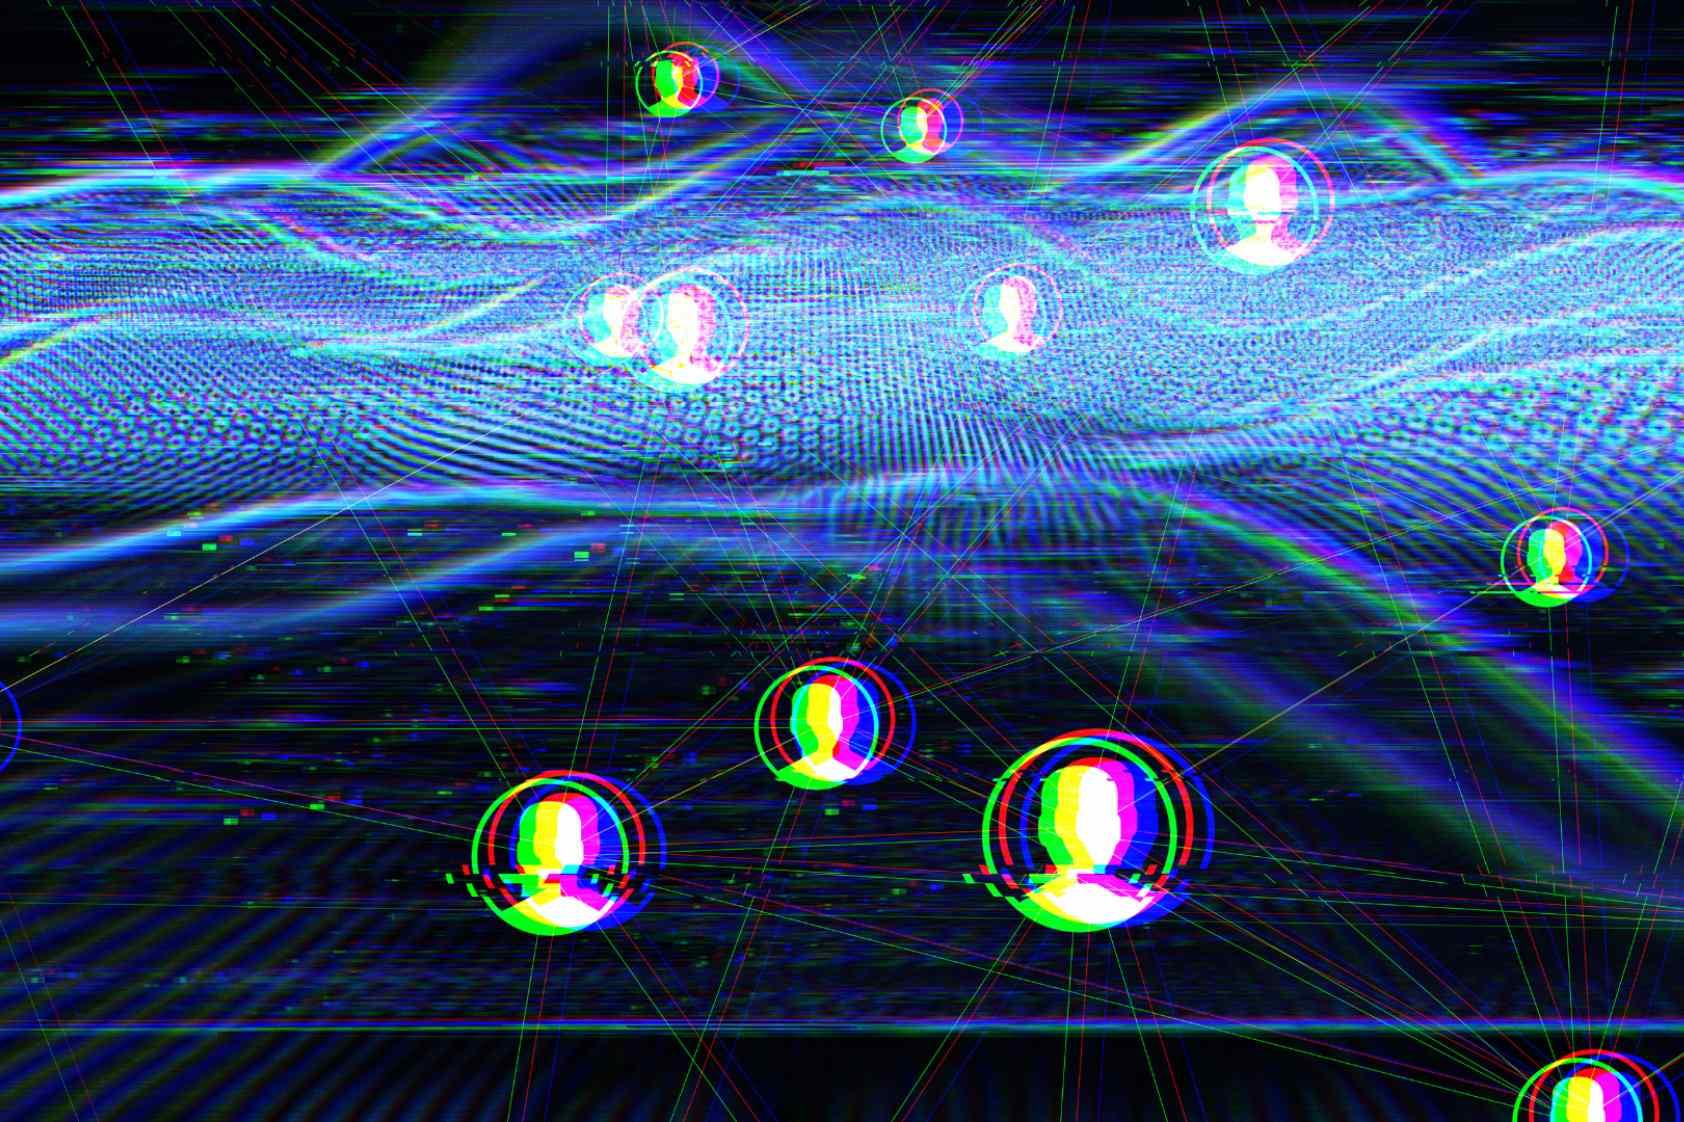 ¿Cómo proteger nuestra privacidad en redes sociales?